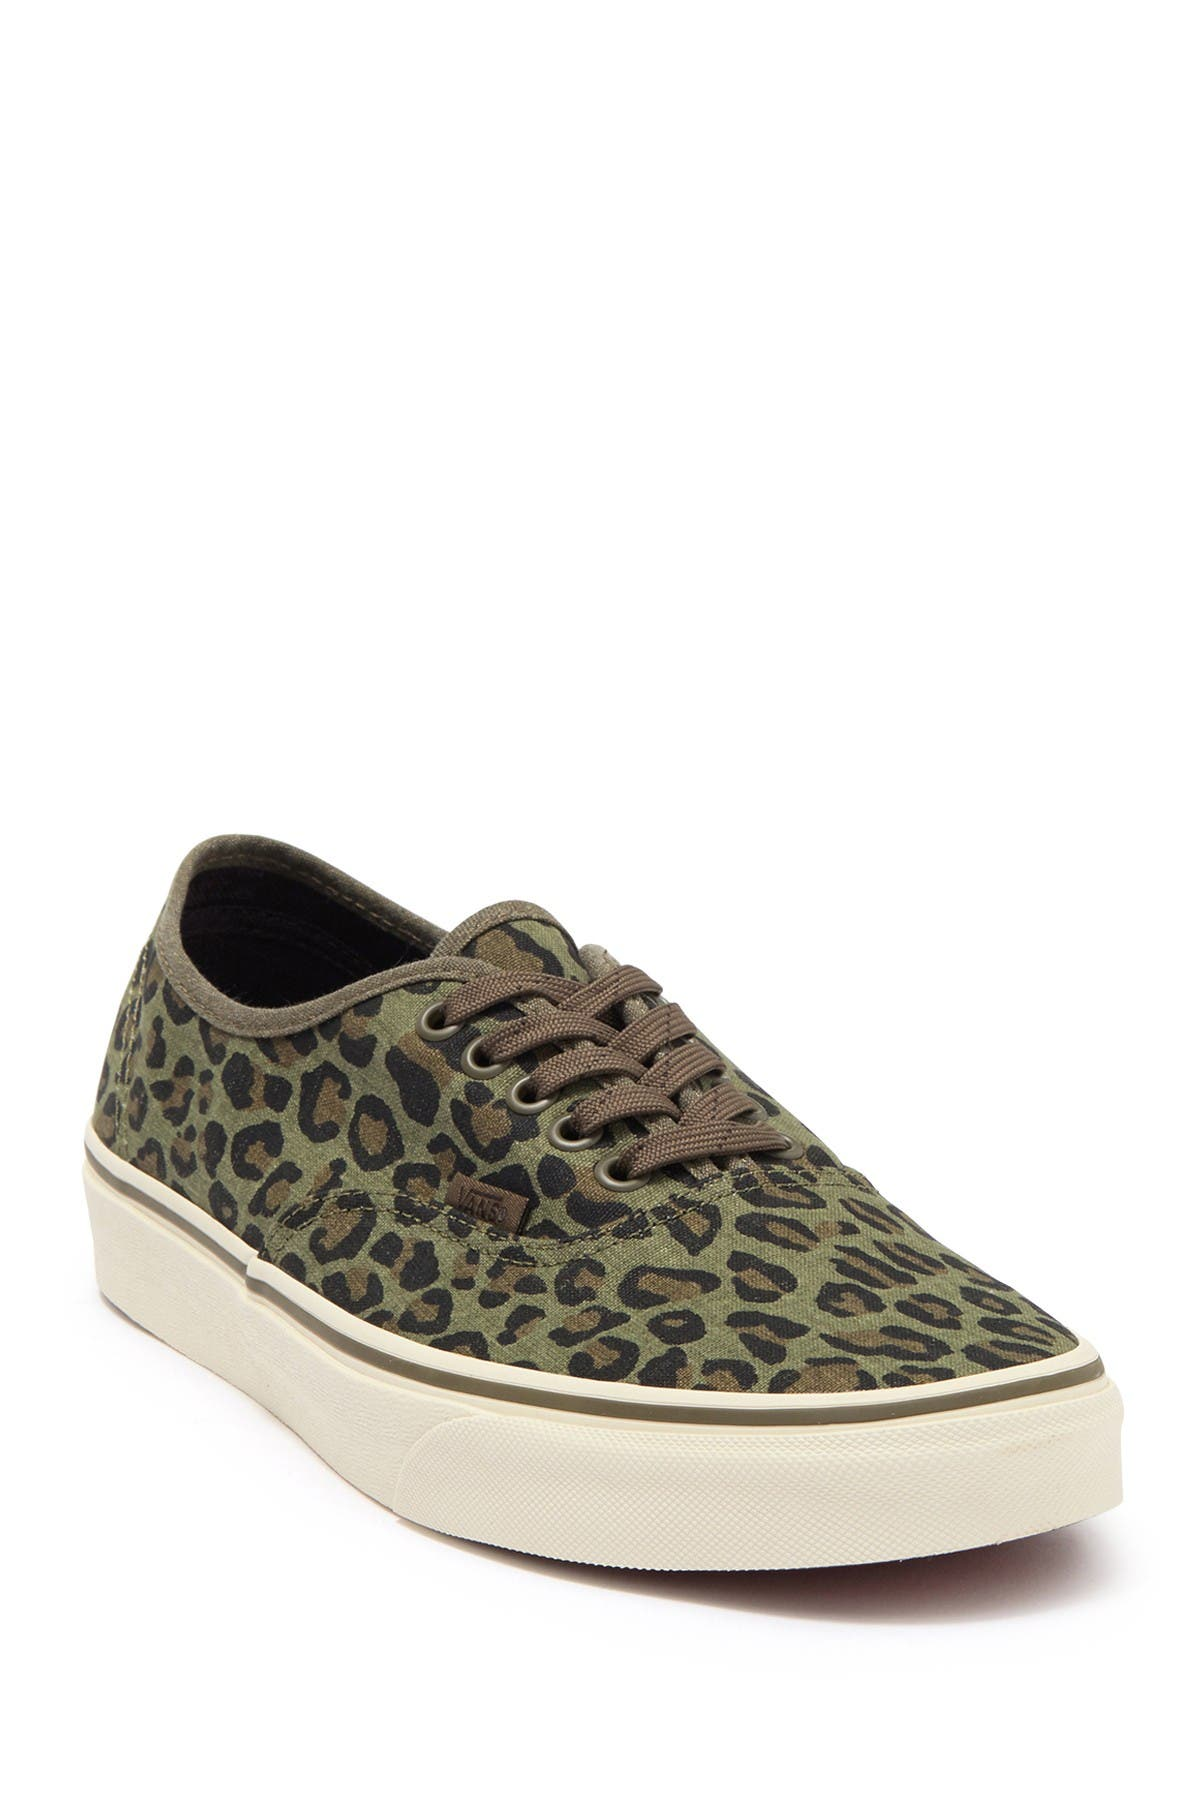 Image of VANS Authentic J.Crew Leopard Print Lace-Up Sneaker